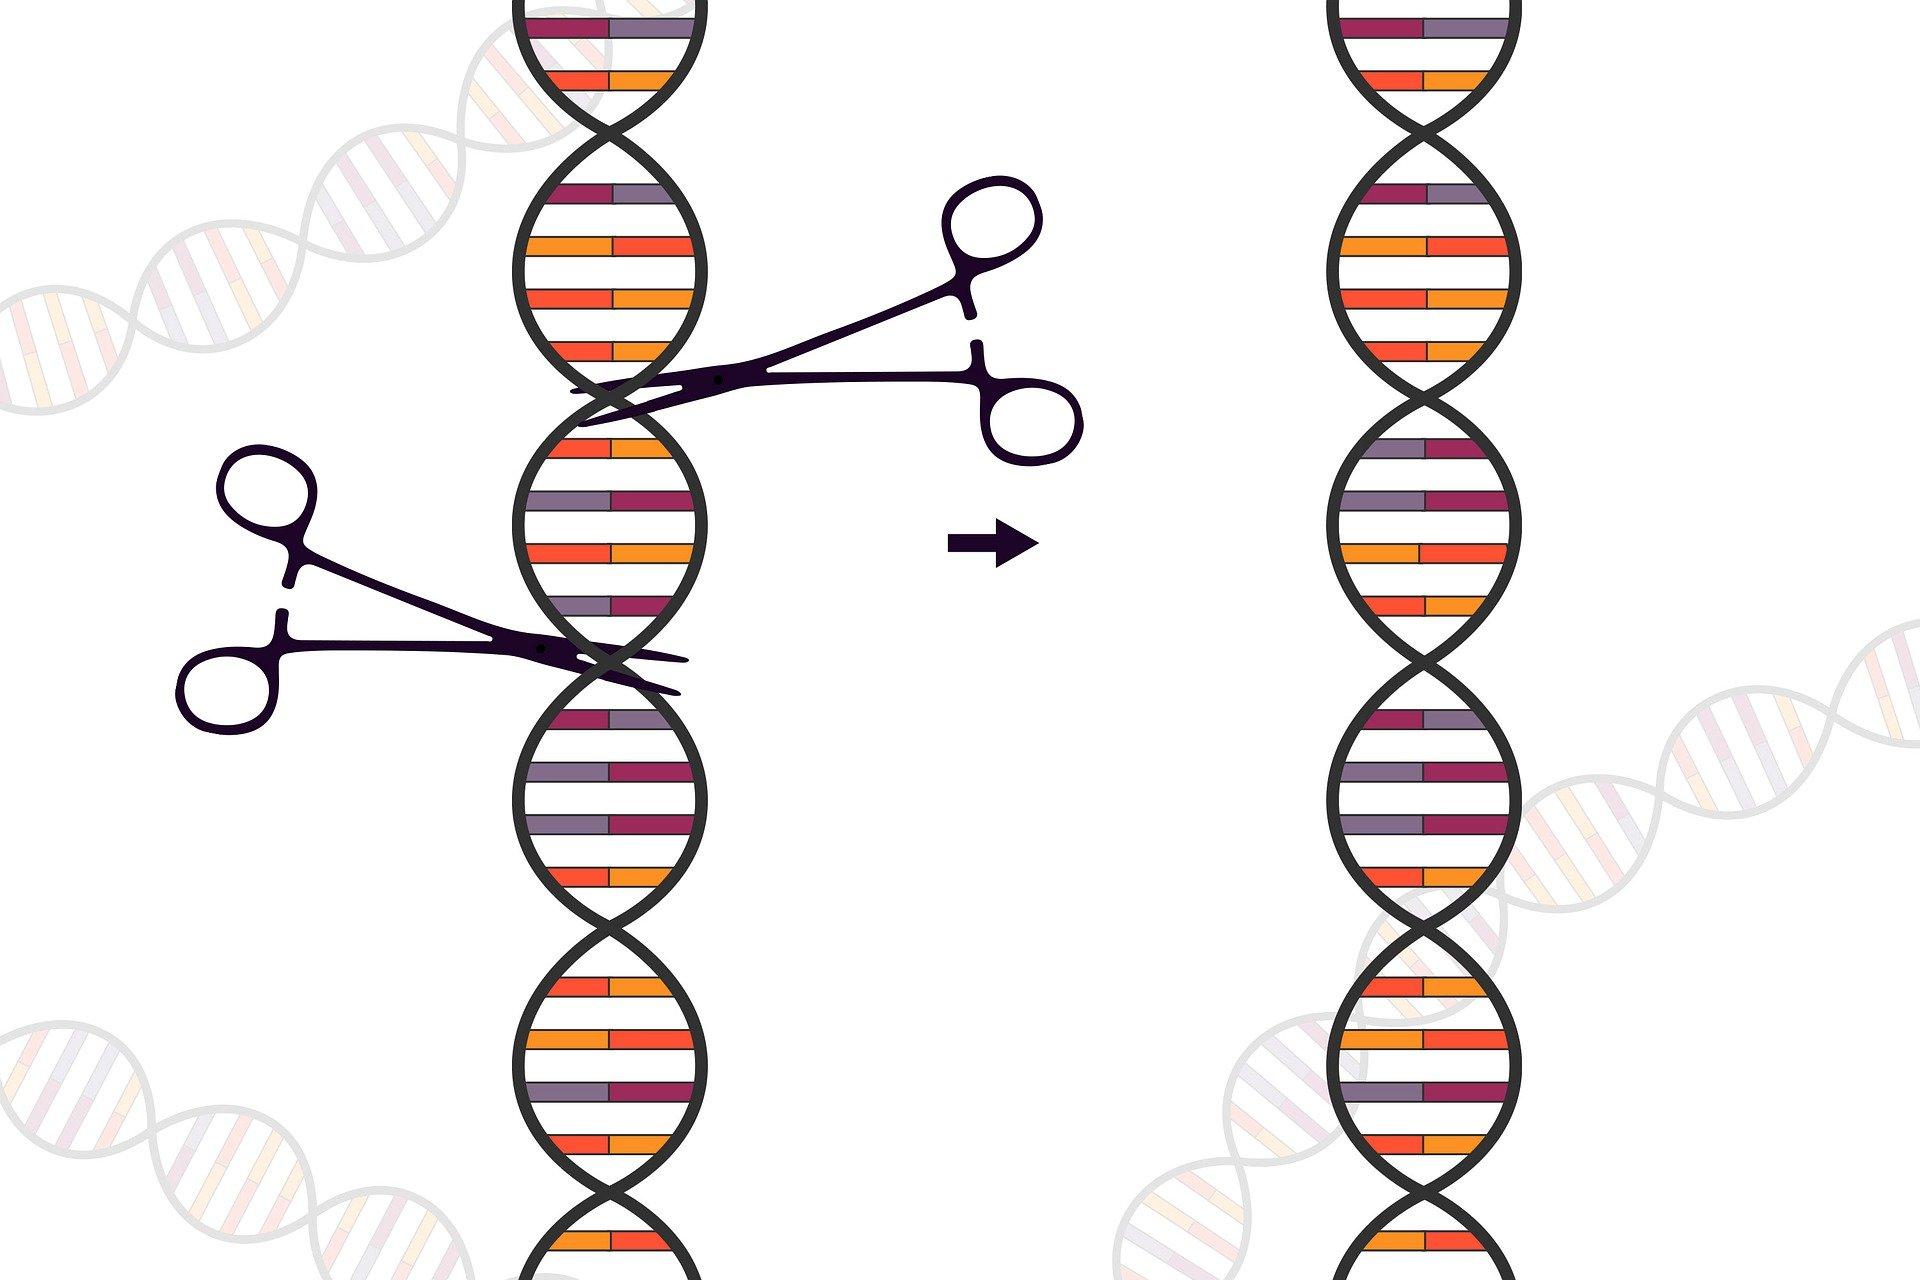 Contopirea cu tehnologia, Neuralink și editarea genetică